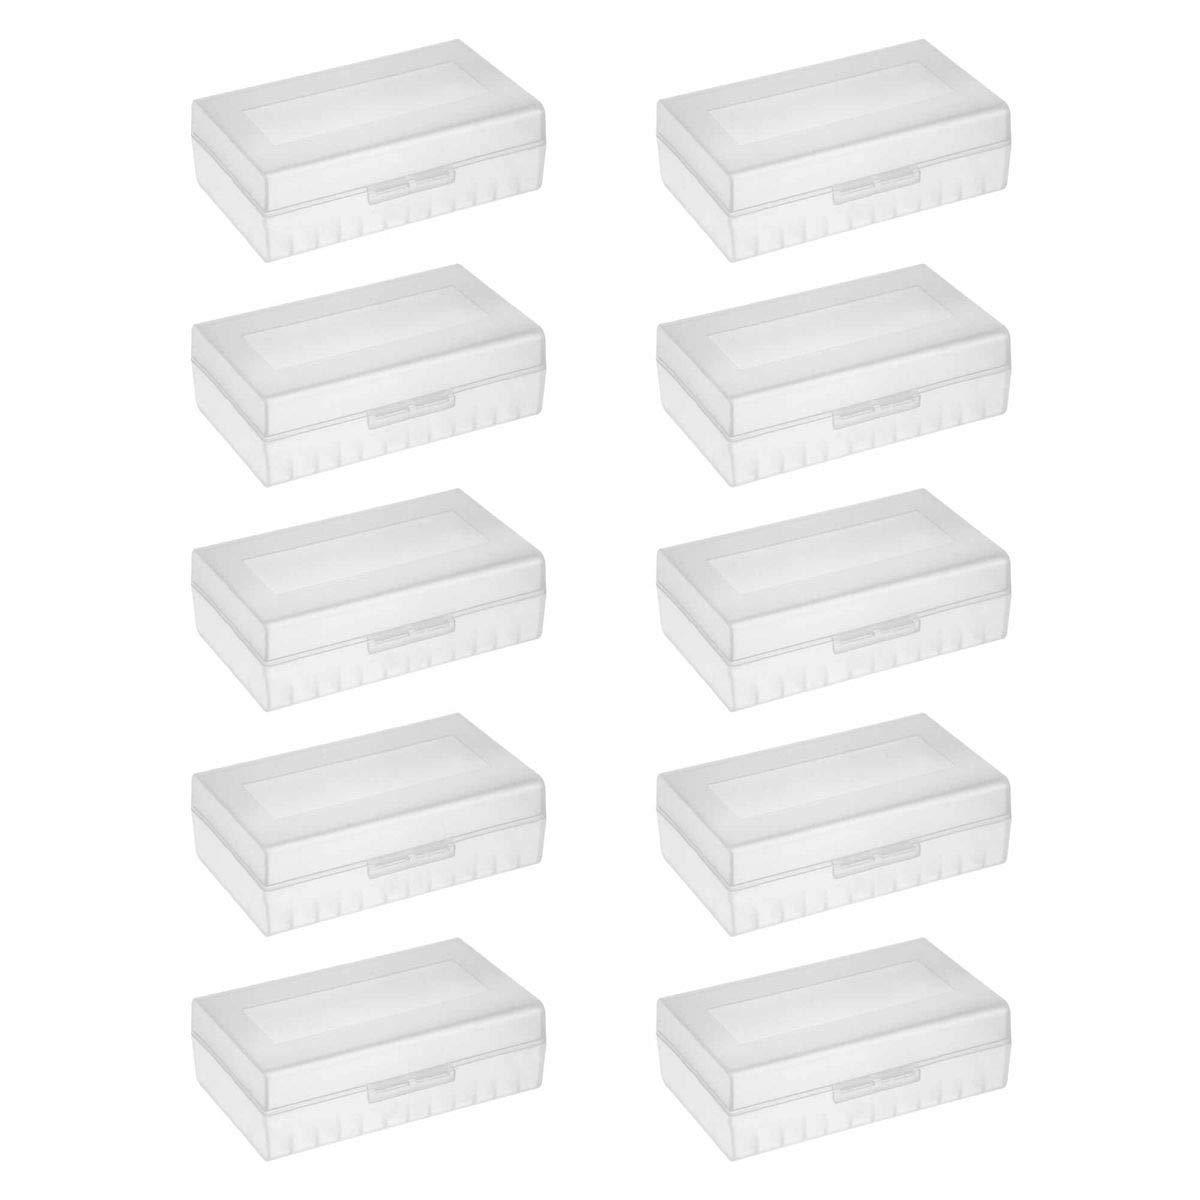 10er Pack Aufbewahrungsbox f/ür 4X 18650 Akkus//Batterien F/ür Zellen ohne PCB 10er Set